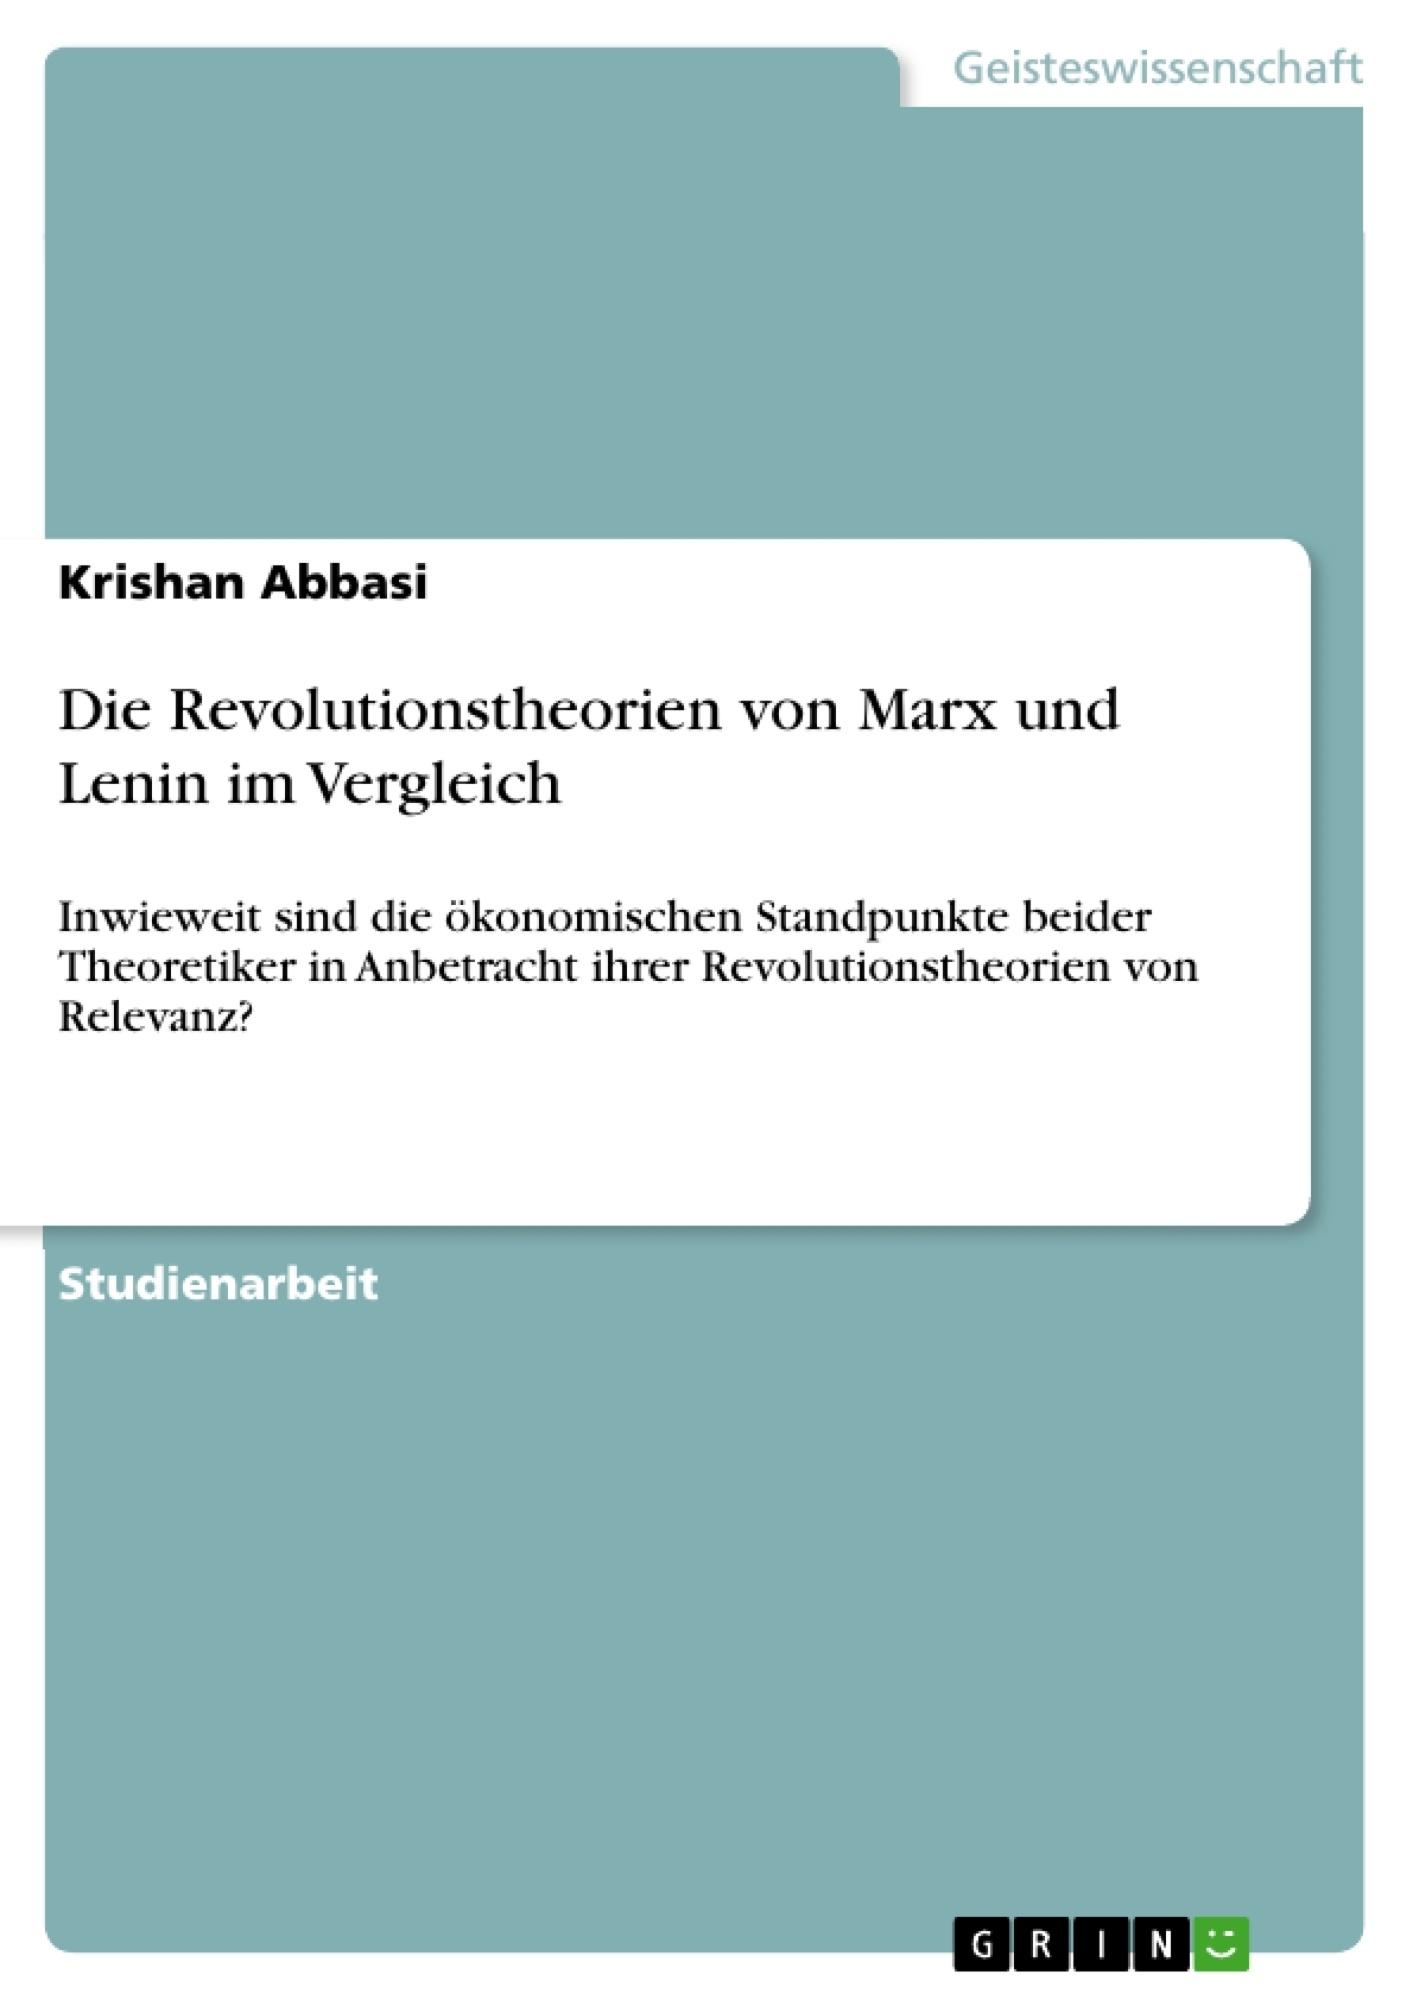 Titel: Die Revolutionstheorien von Marx und Lenin im Vergleich